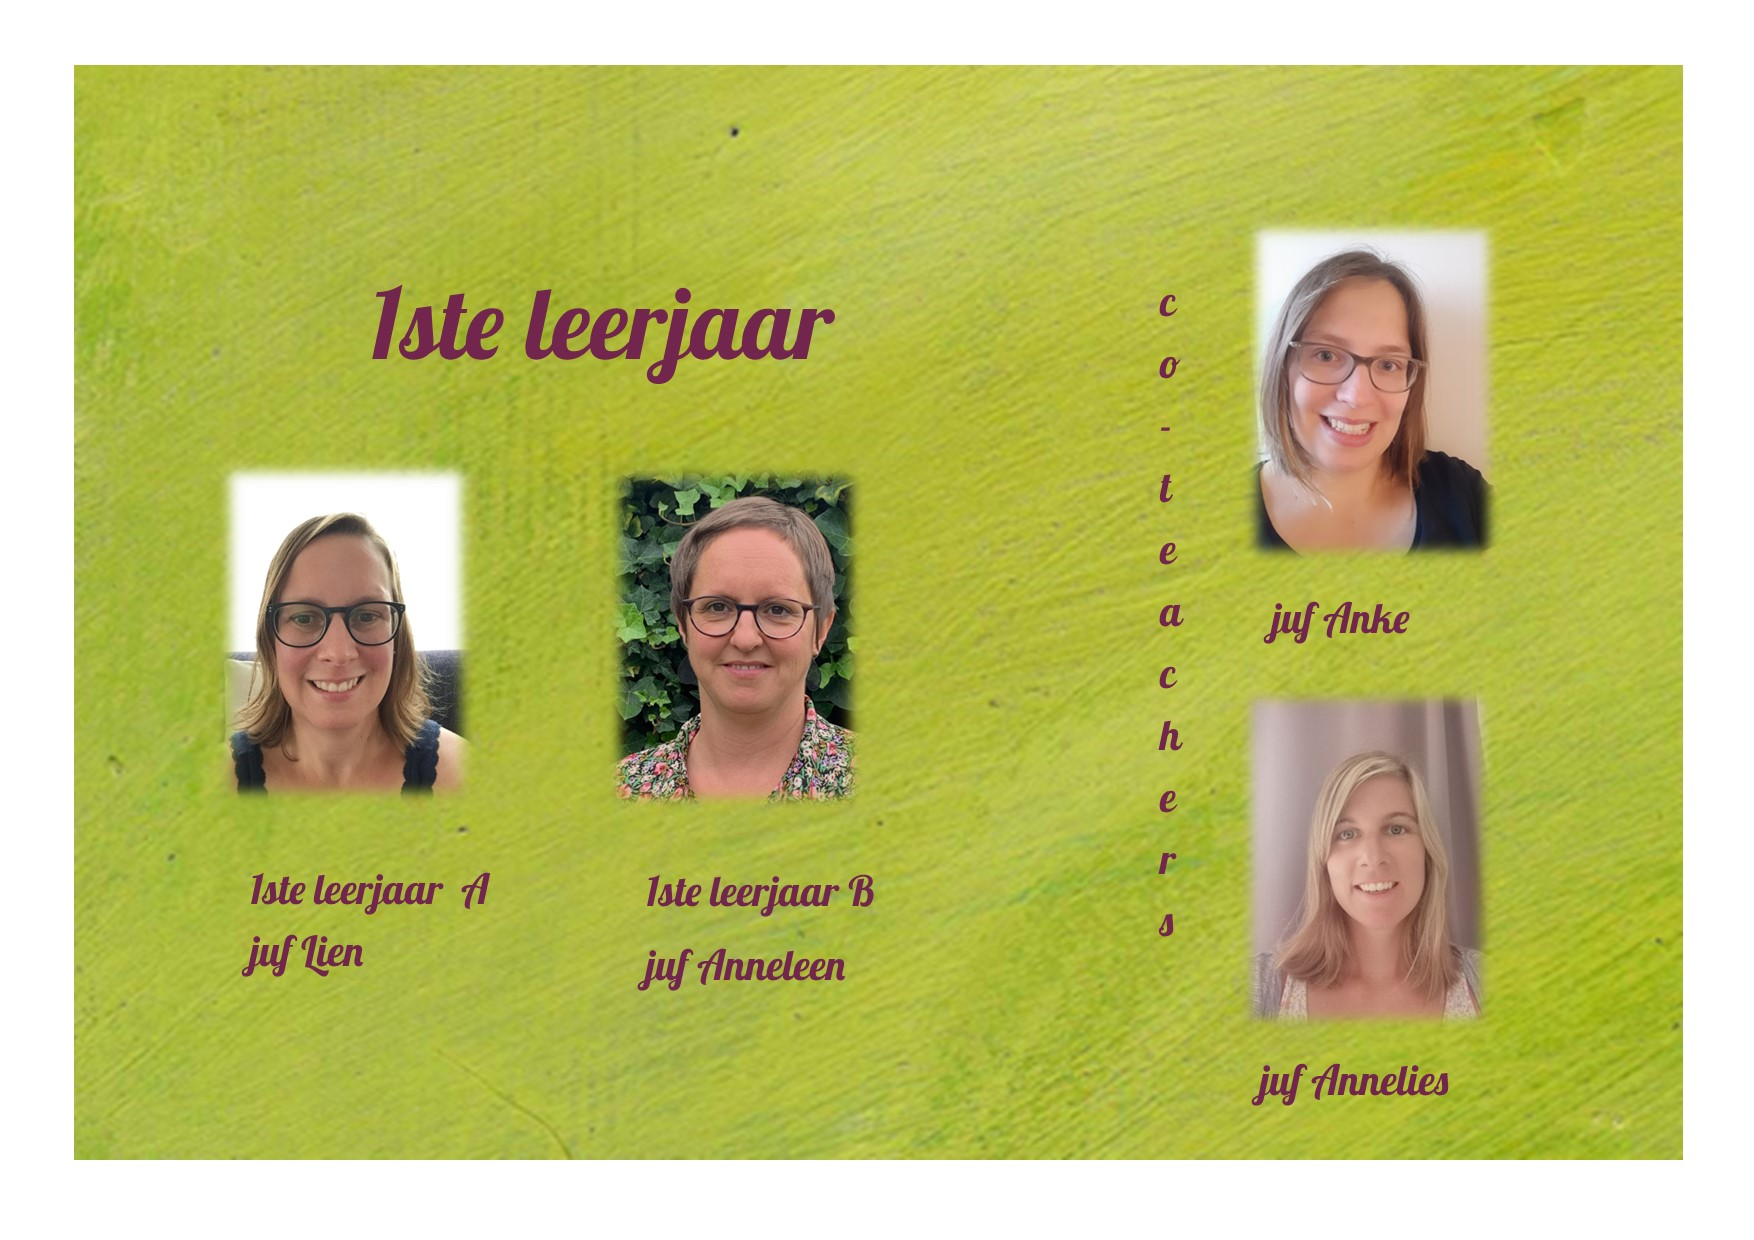 <p>1ste leerjaar: juf Lien, juf Anneleen, juf Anke en juf Annelies</p>